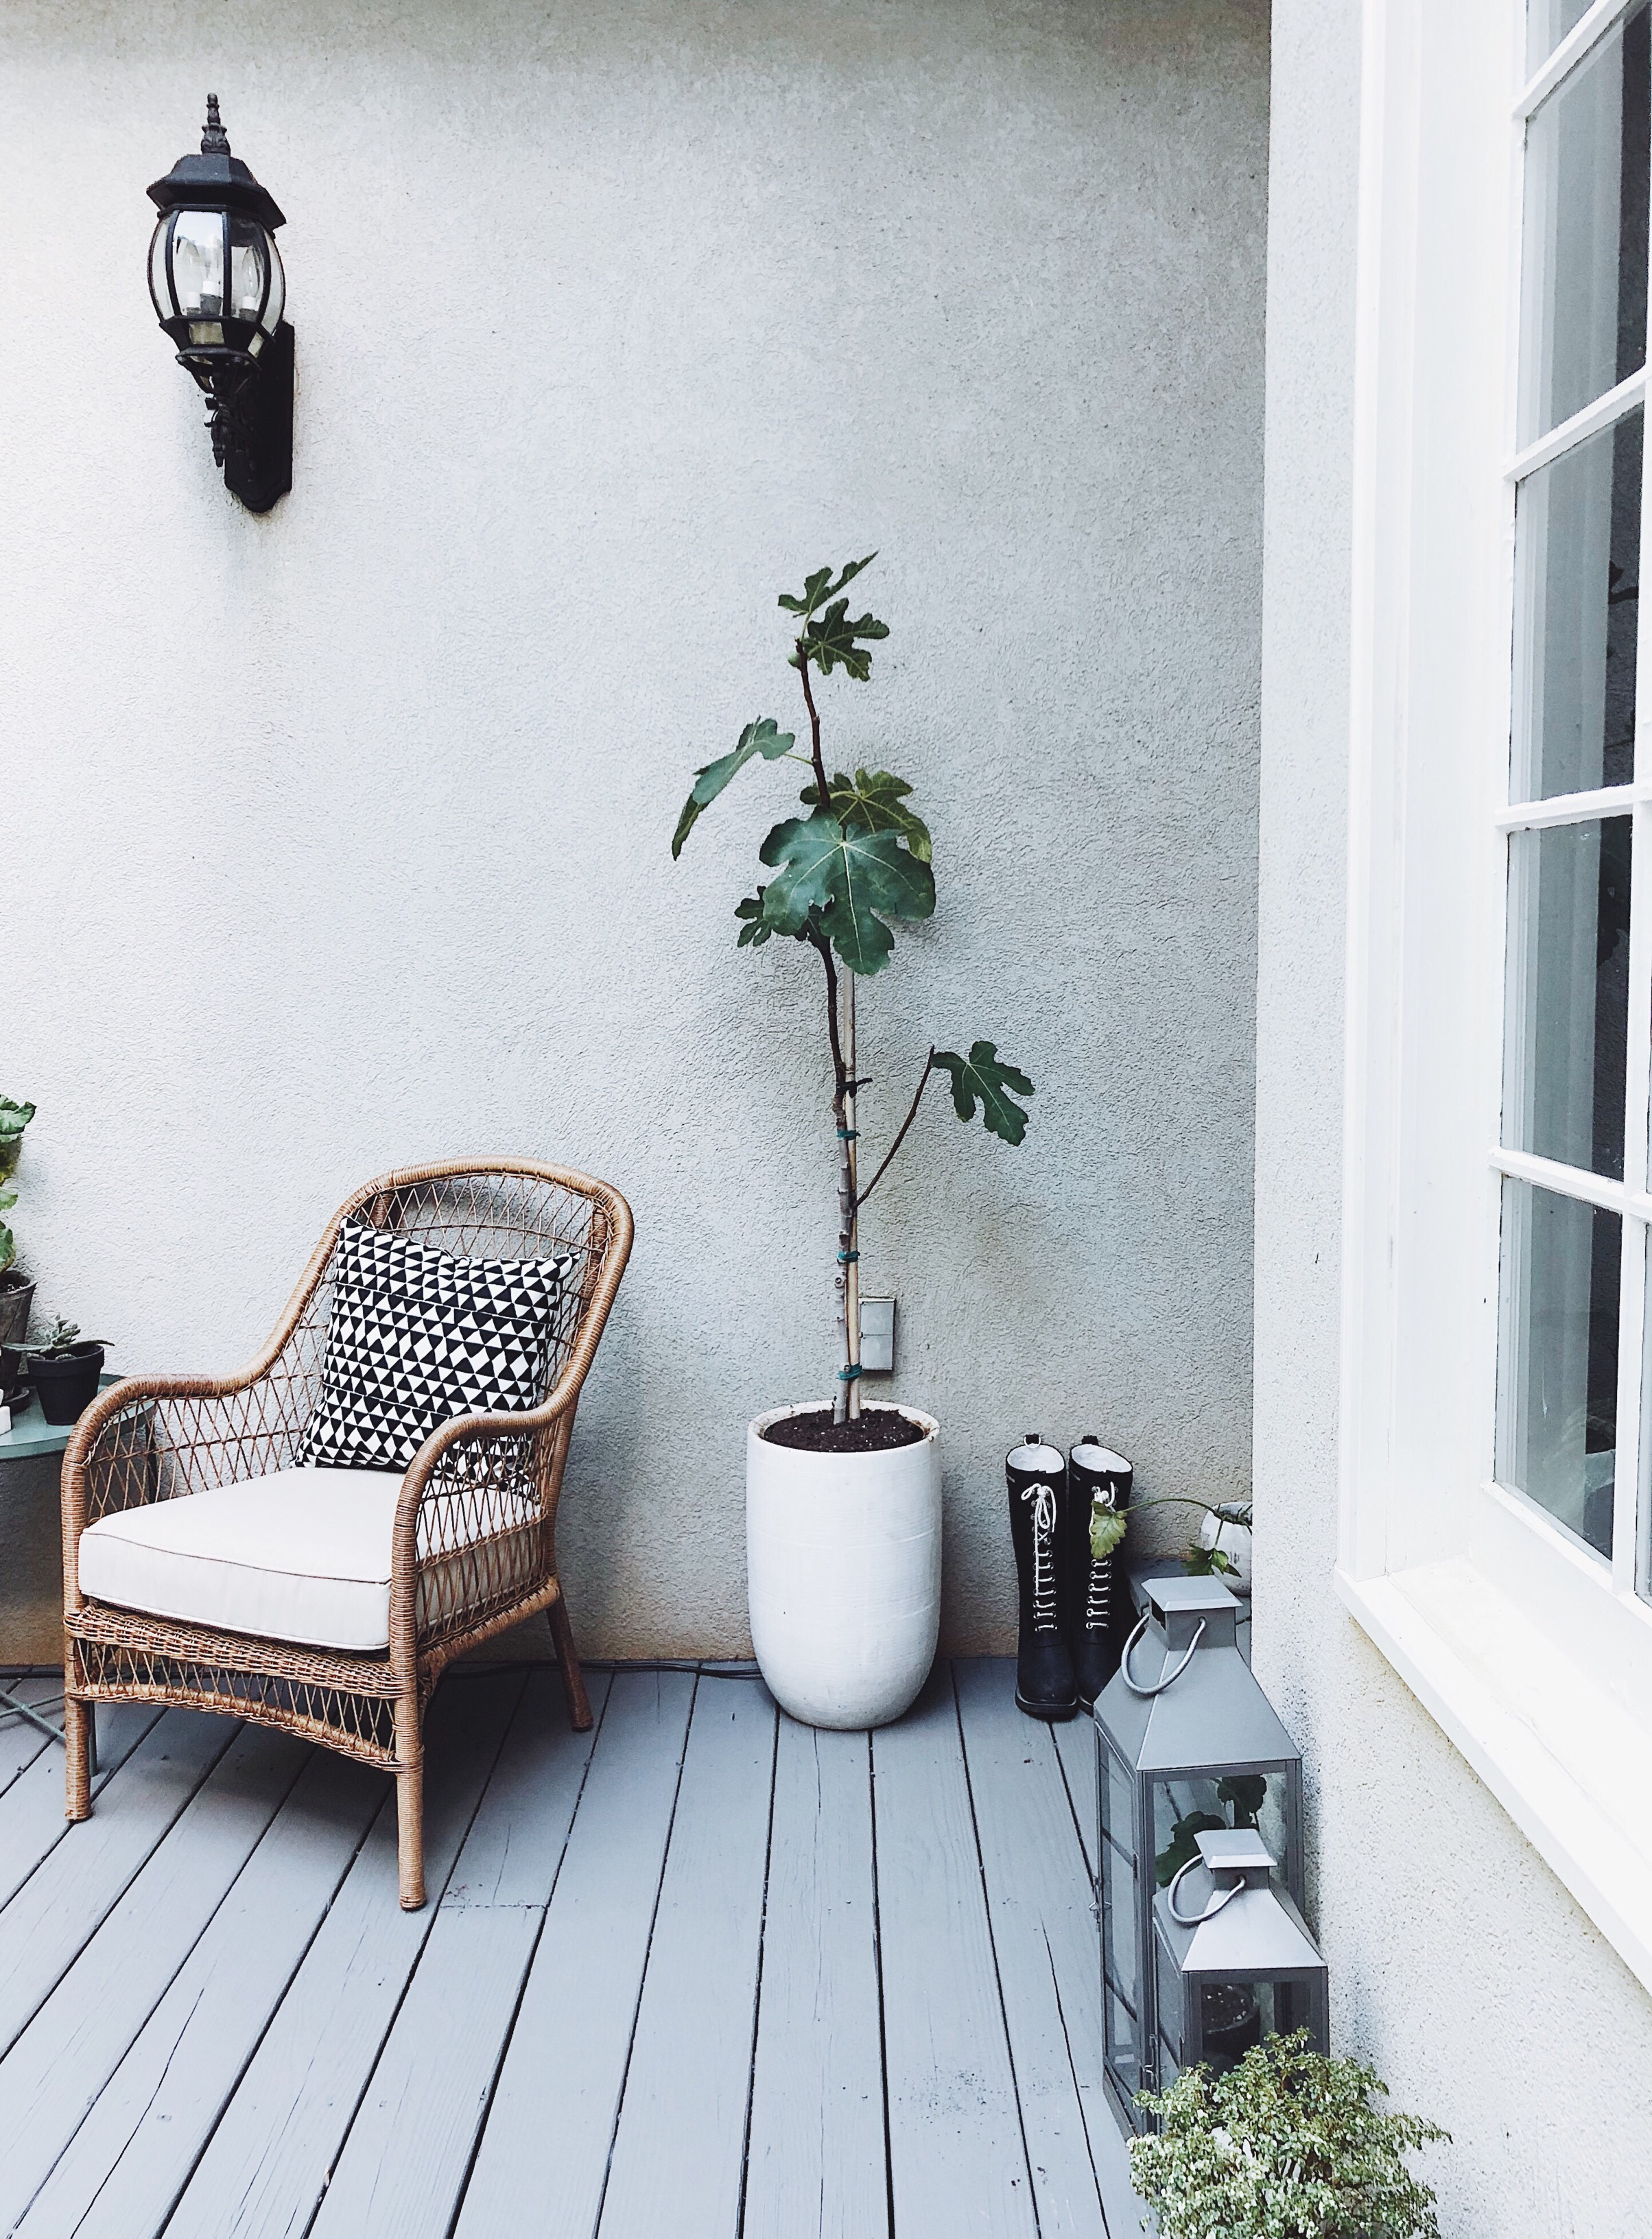 outdoor room | houseofvalentina8.jpg